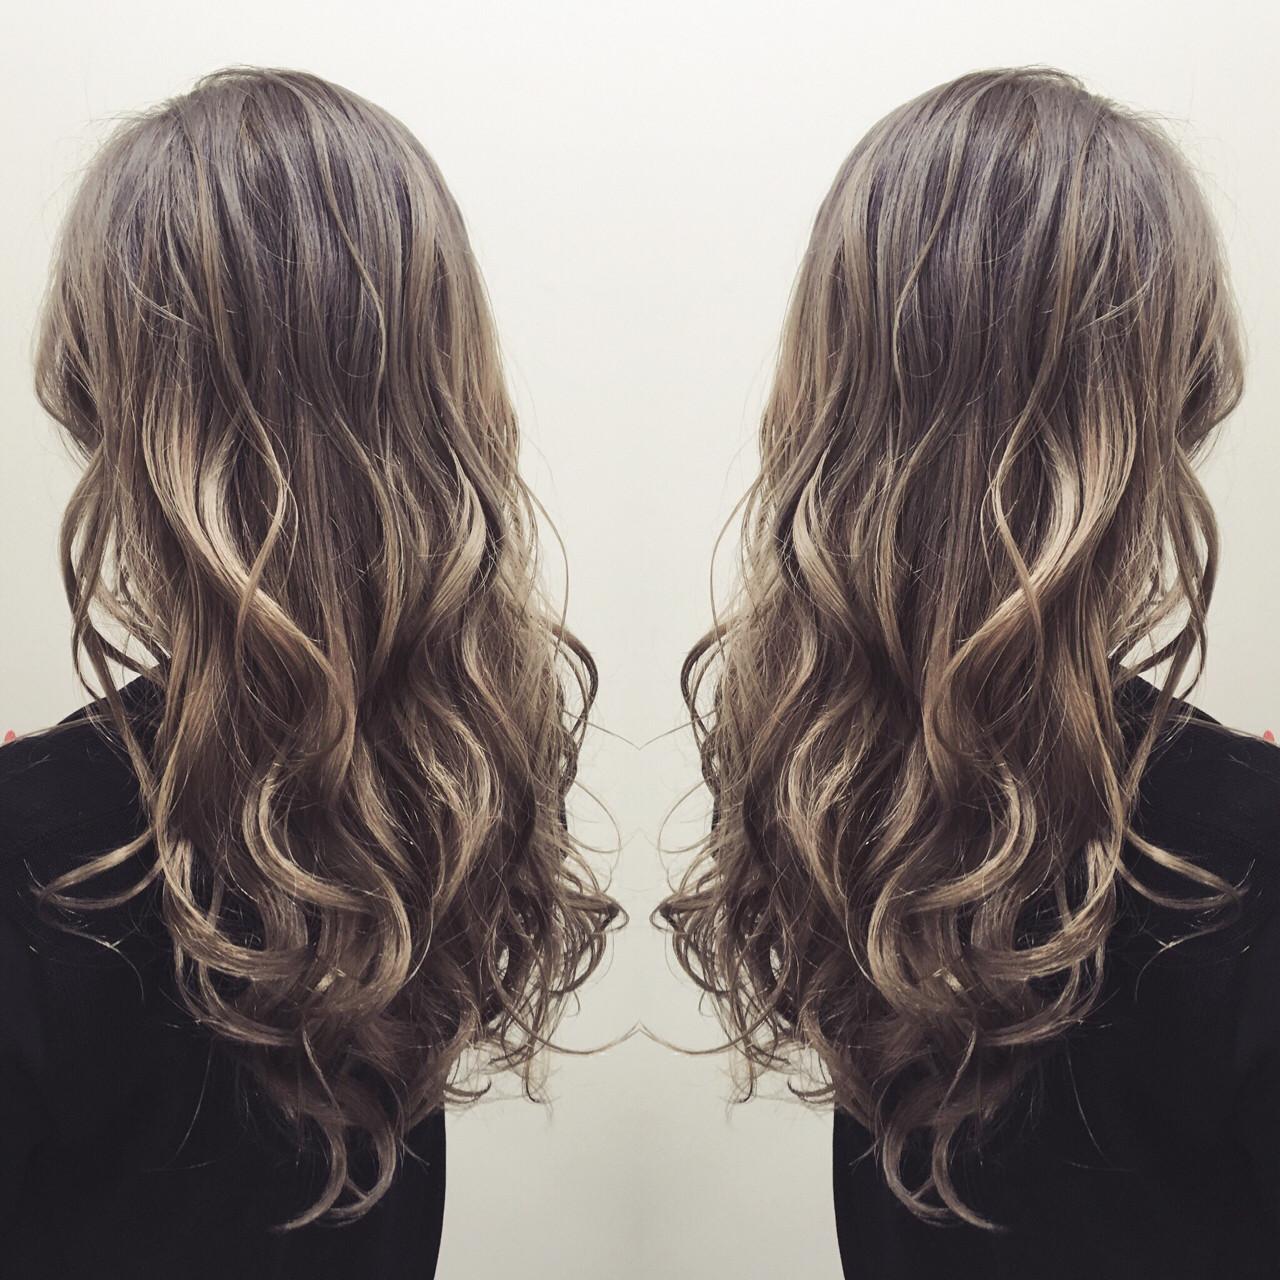 グラデーションカラー ガーリー ロング アッシュ ヘアスタイルや髪型の写真・画像